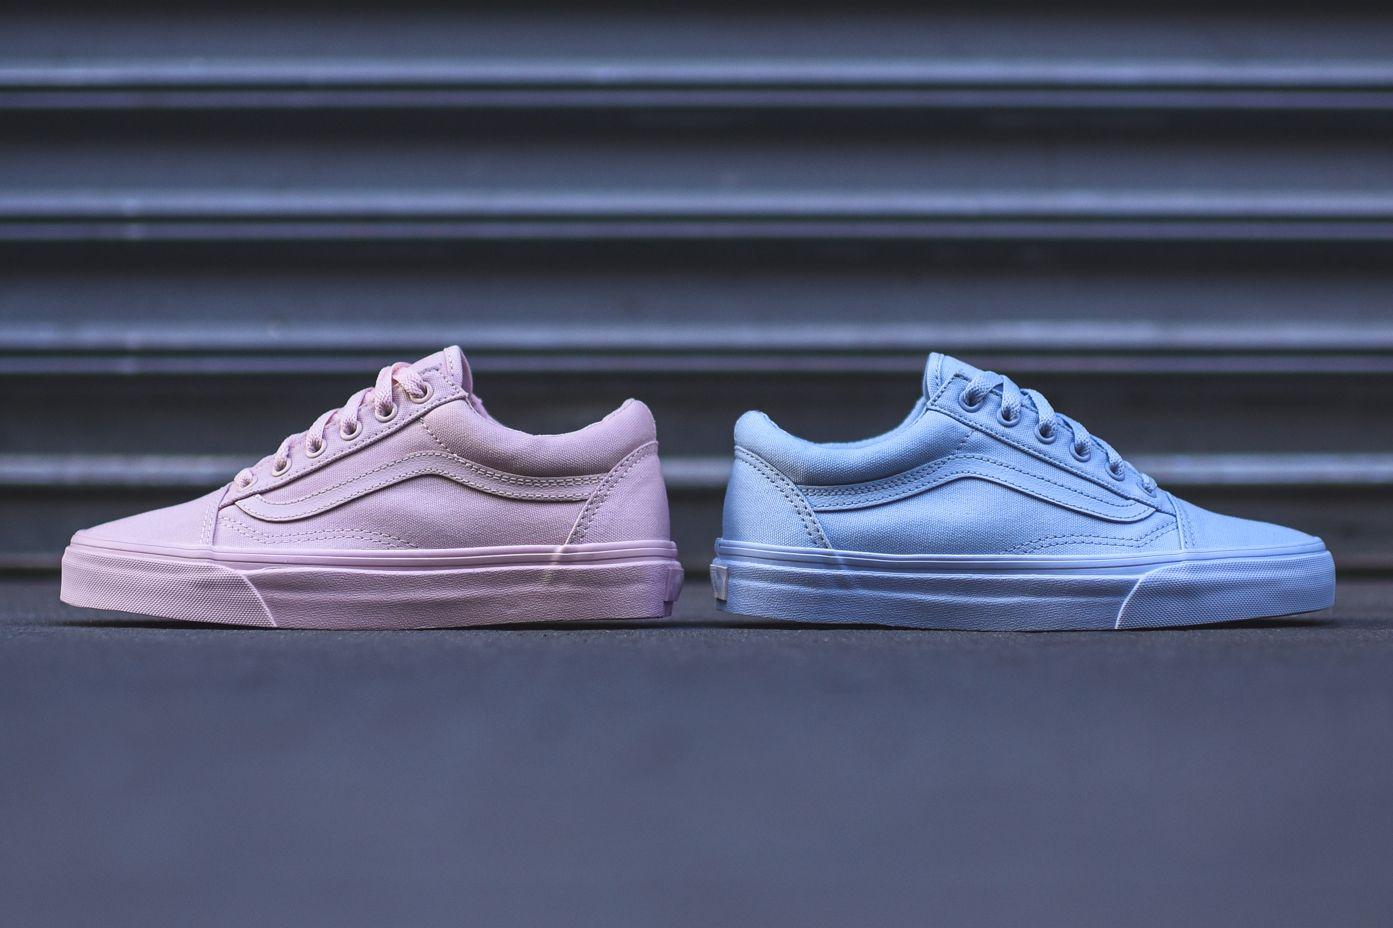 Vans' Old Skool Gets Dipped in Pink and Blue | Vans old